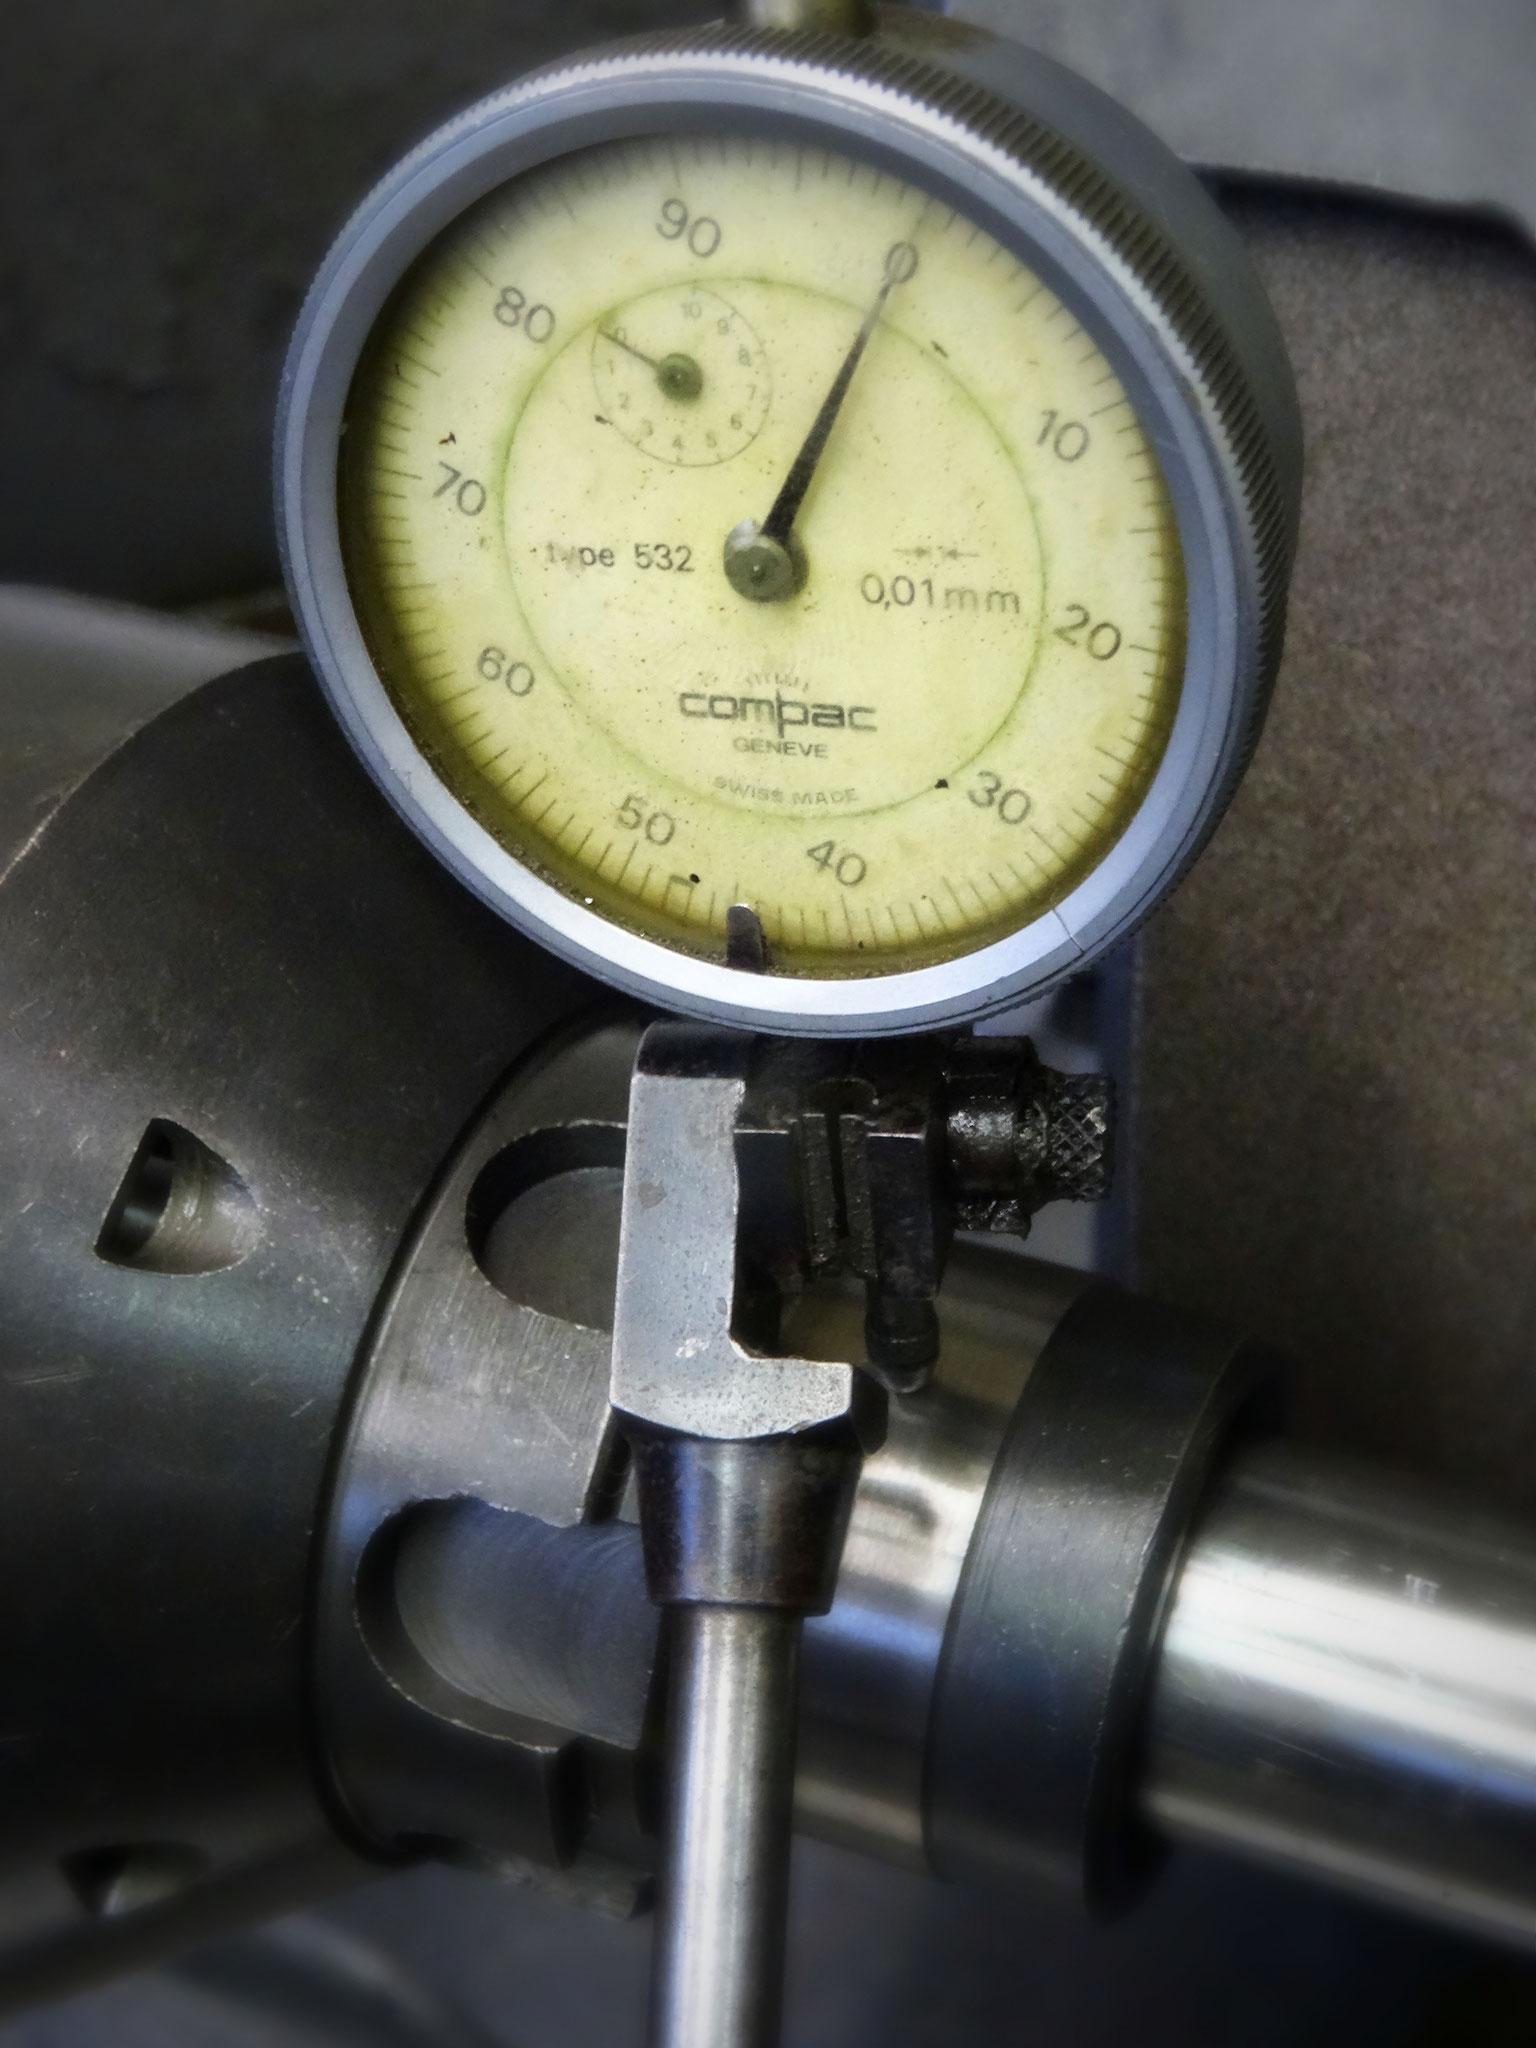 Rundlaufkontrolle auf der Schleifmaschine um mögliche Rundlauffehler vor der Hartverchromung zu korrigieren mittels Zentren schleifen